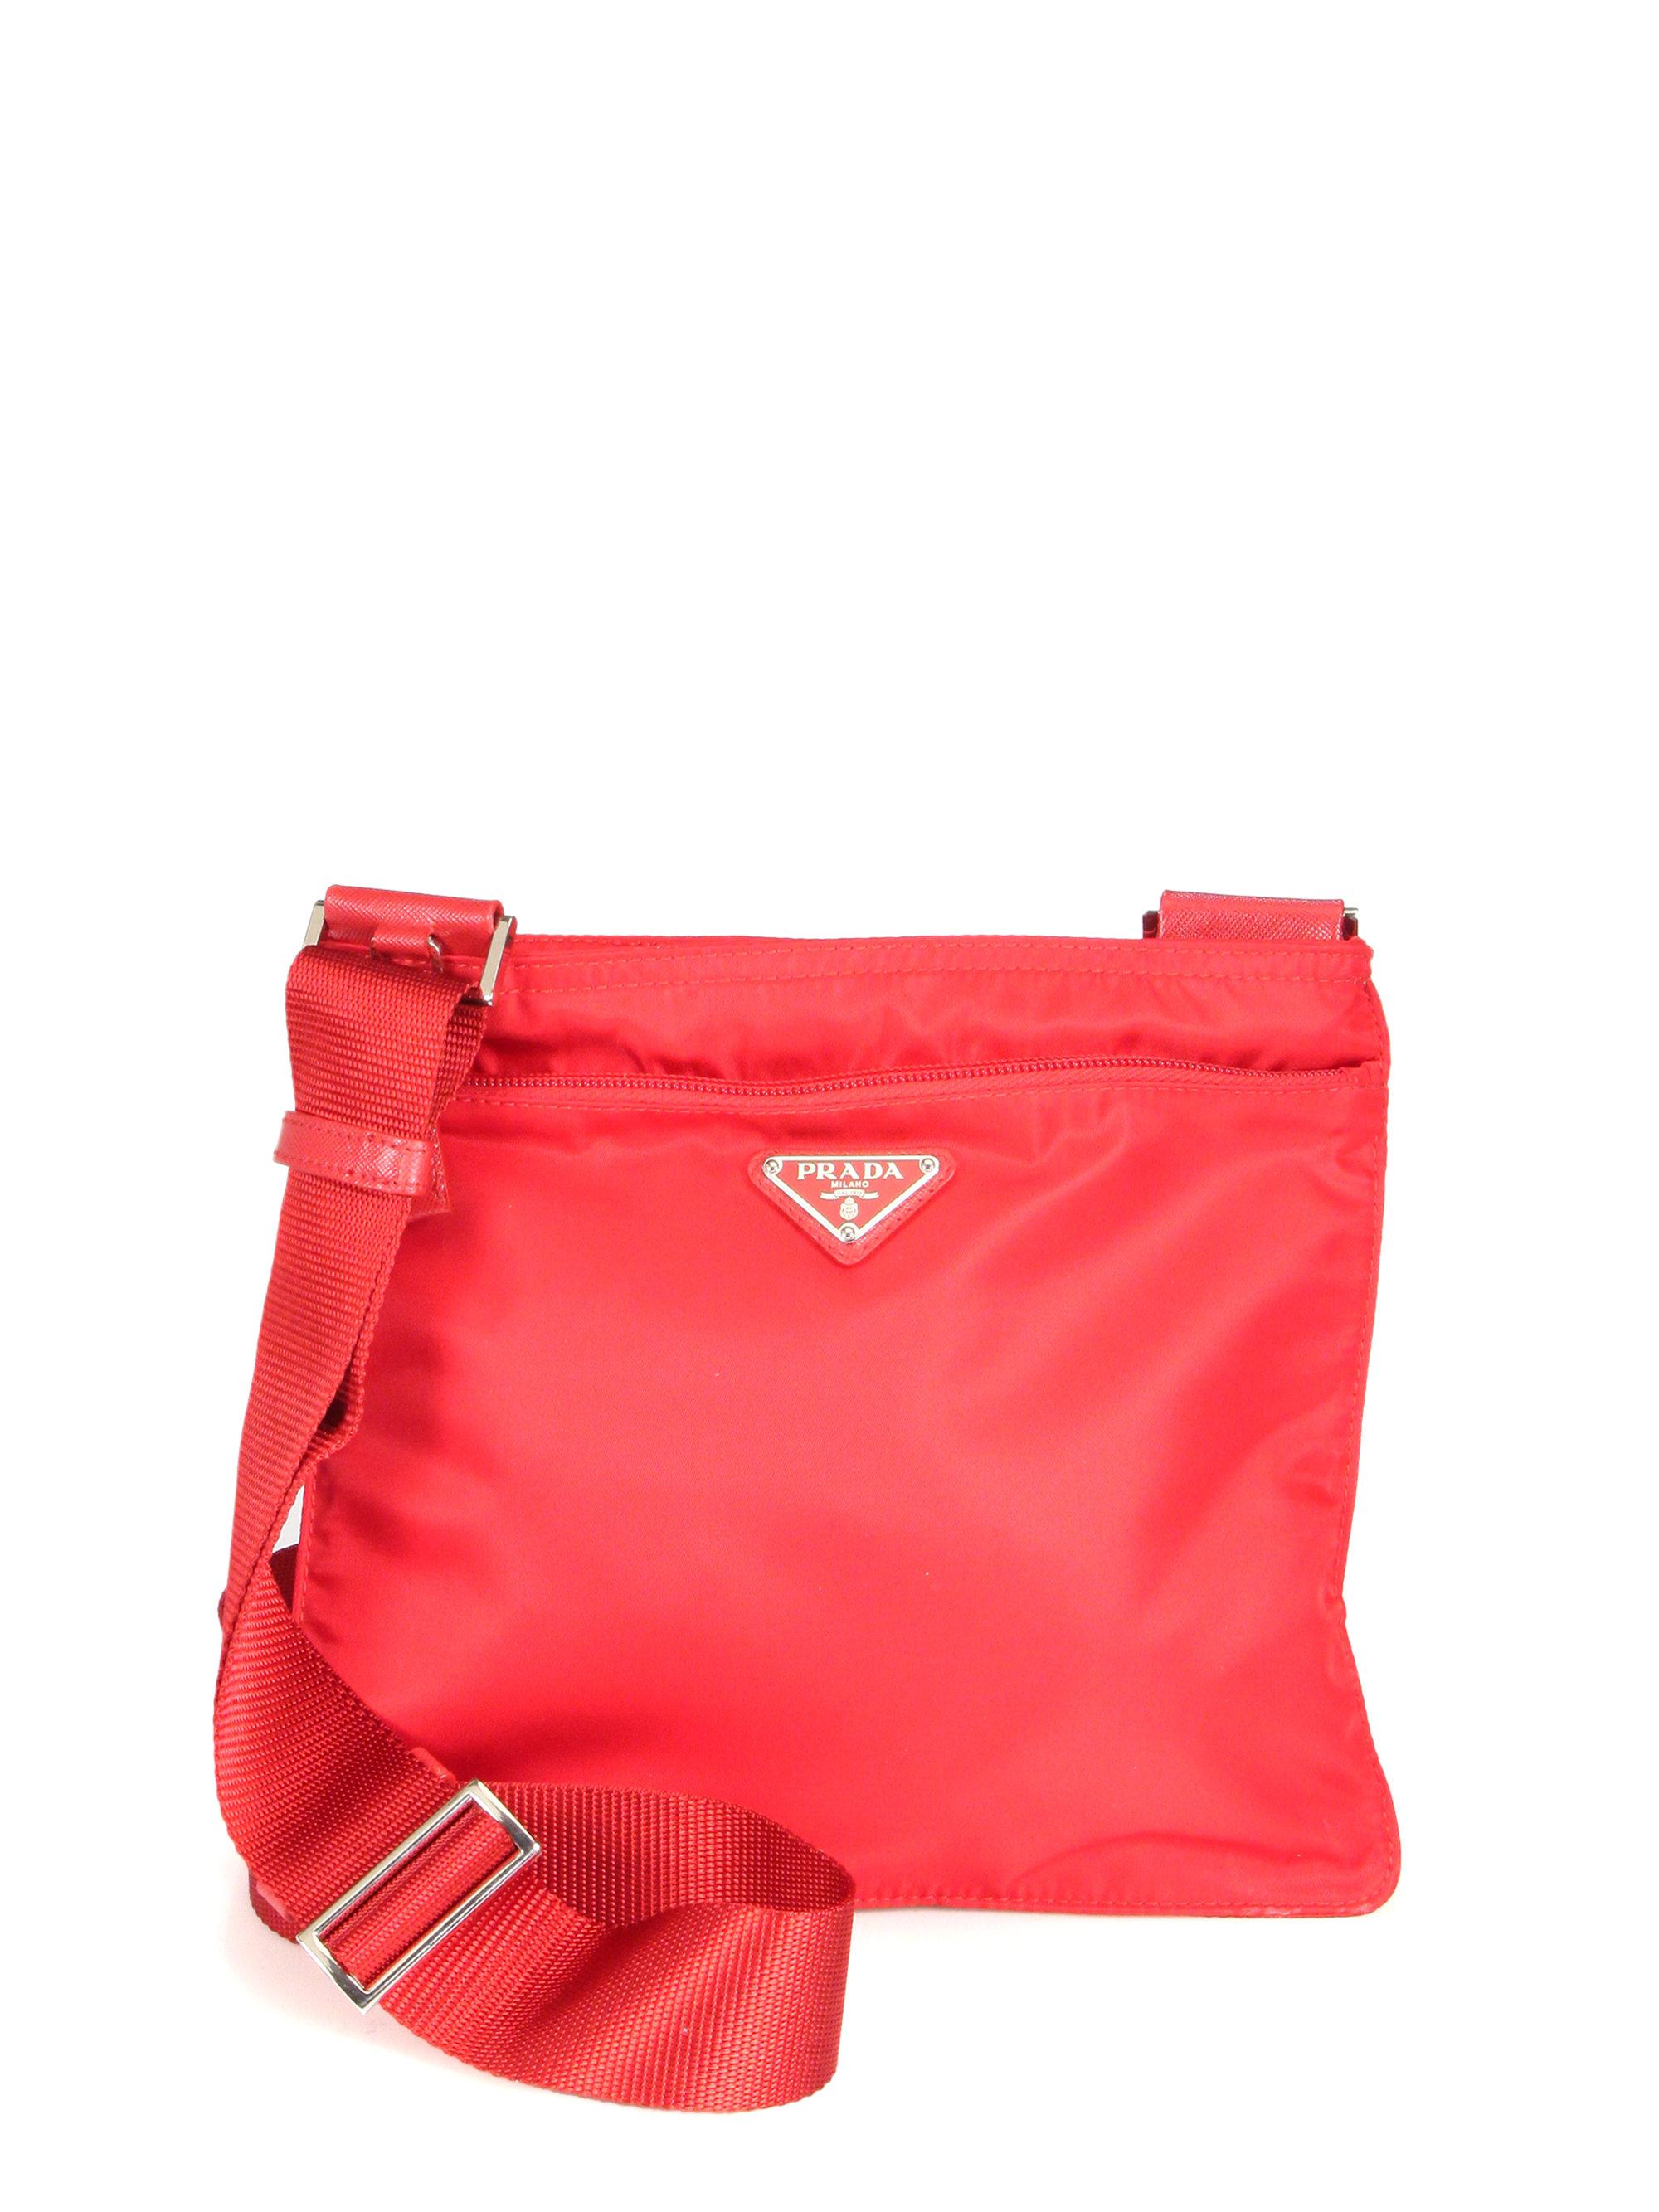 bag prada red